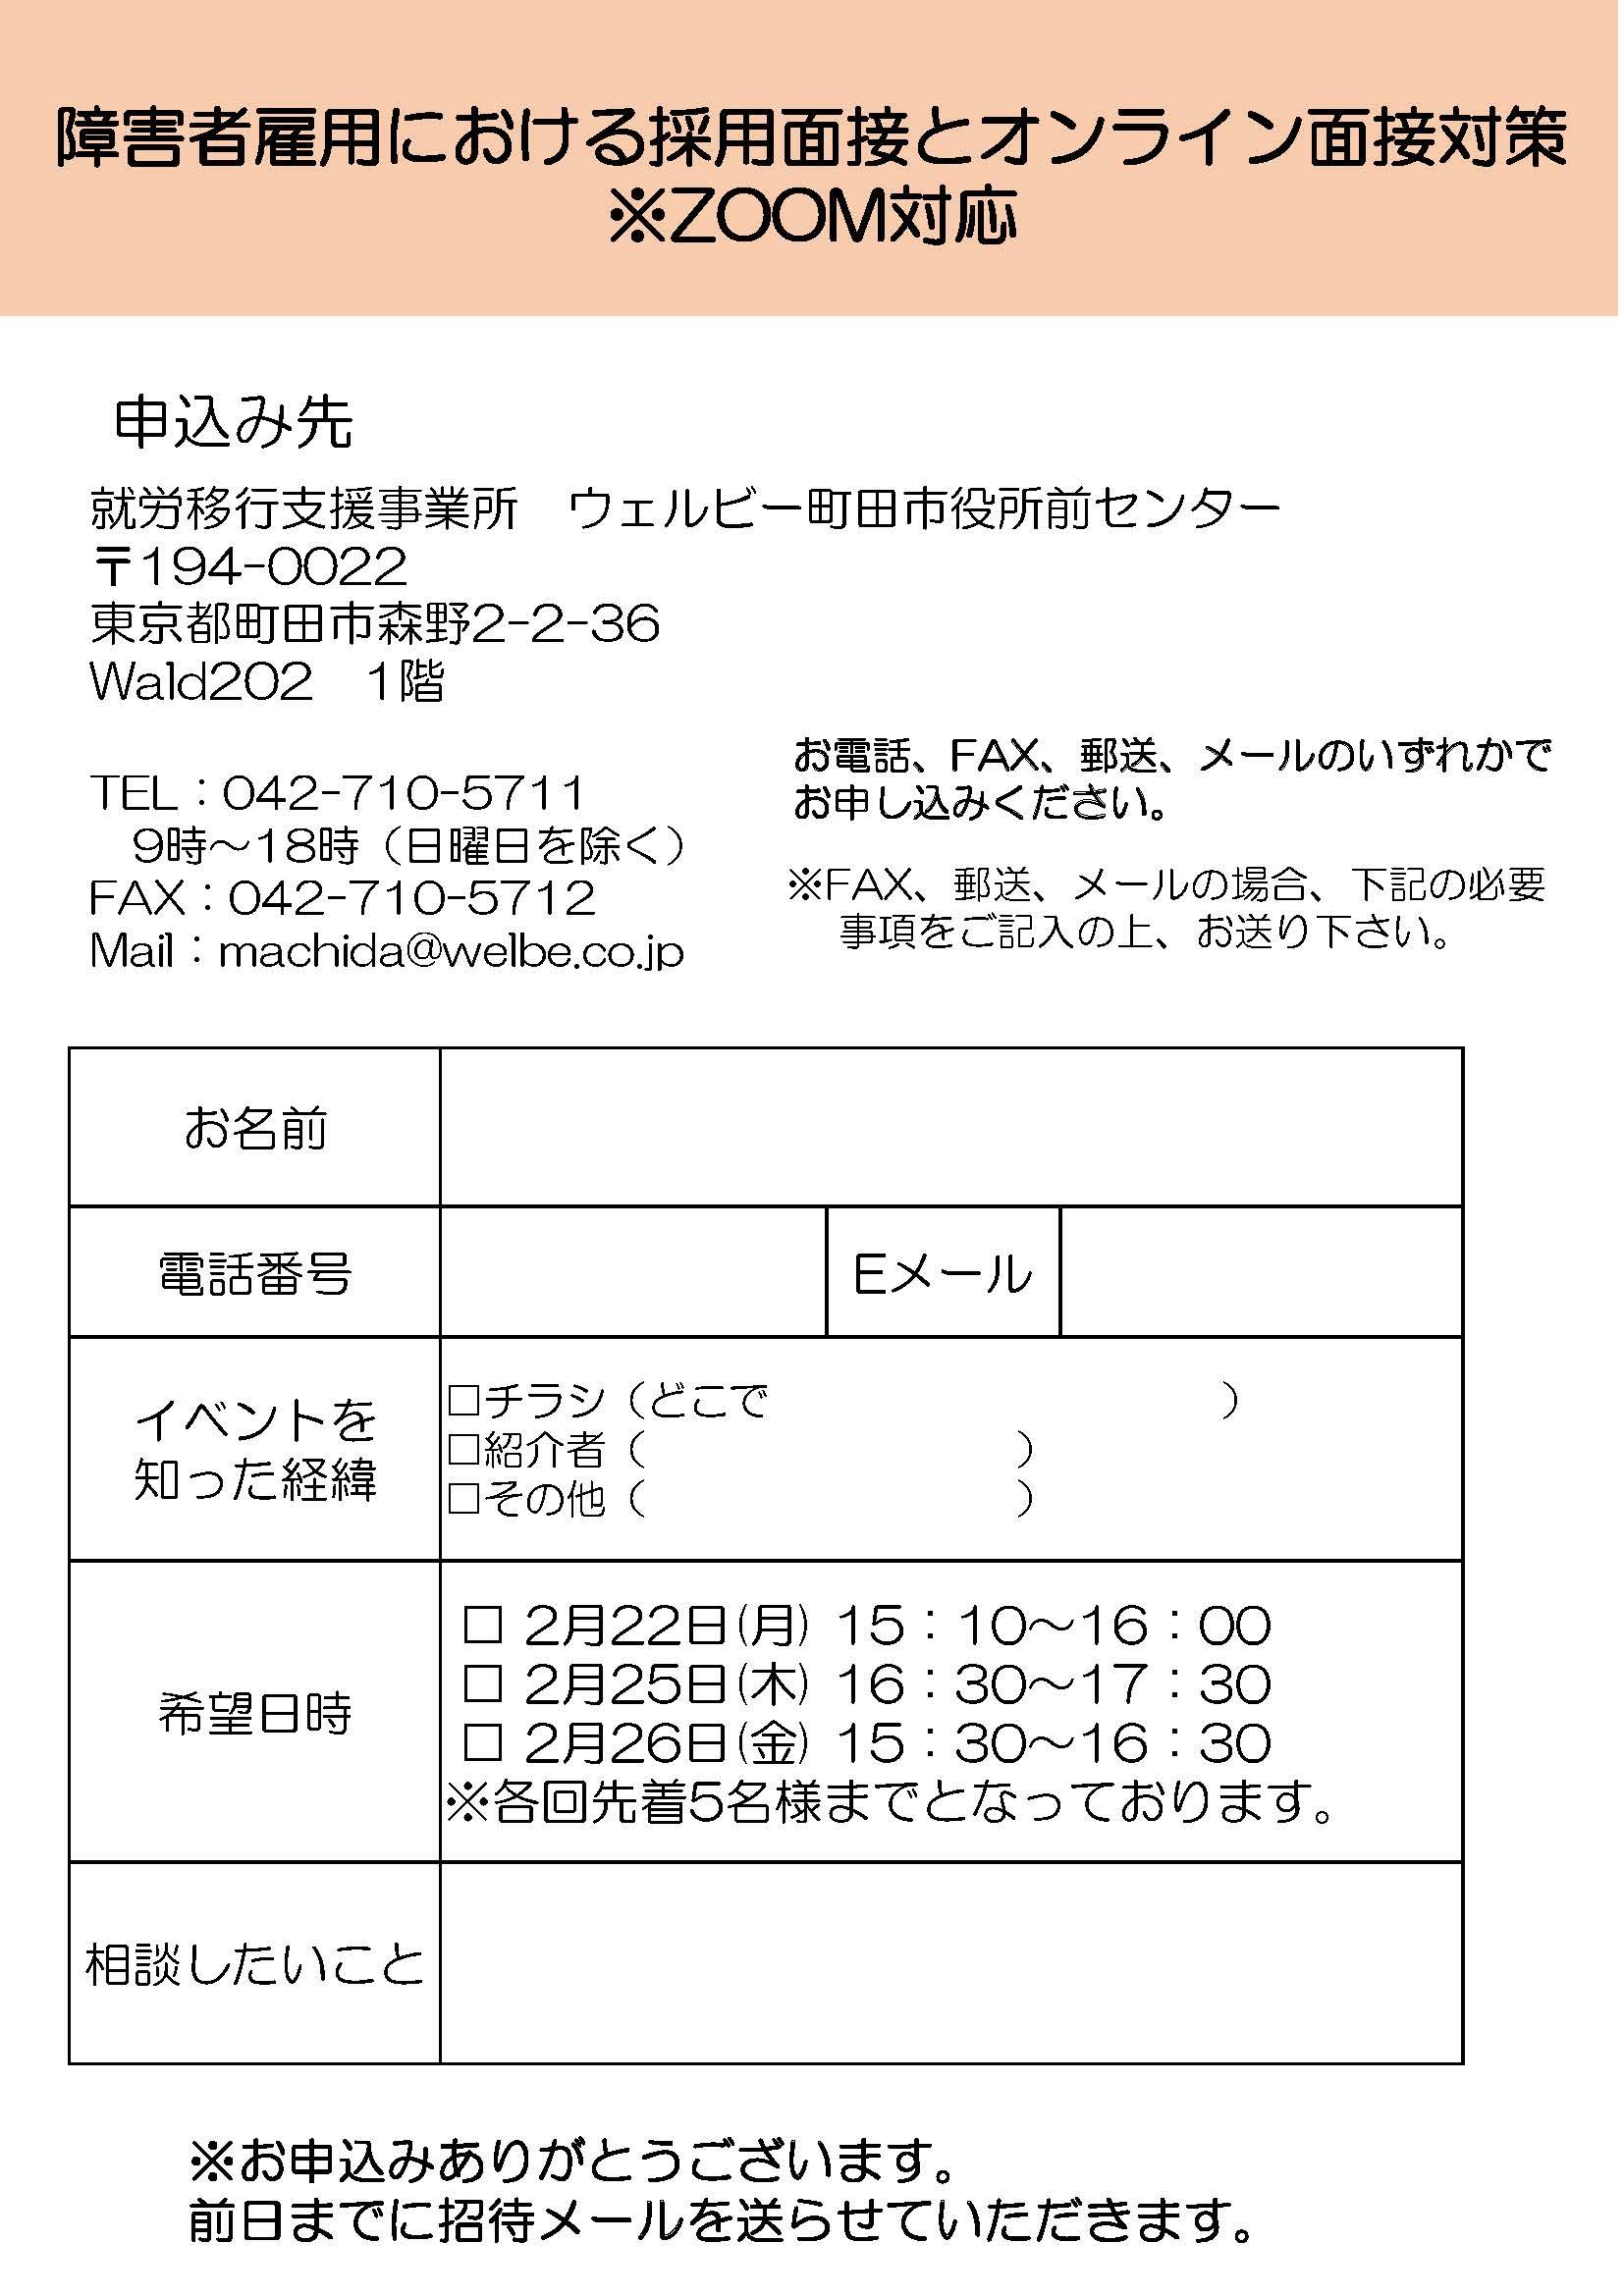 オンライン面接対策チラシ【2021年2月22日~】イラスト修正_ページ_2